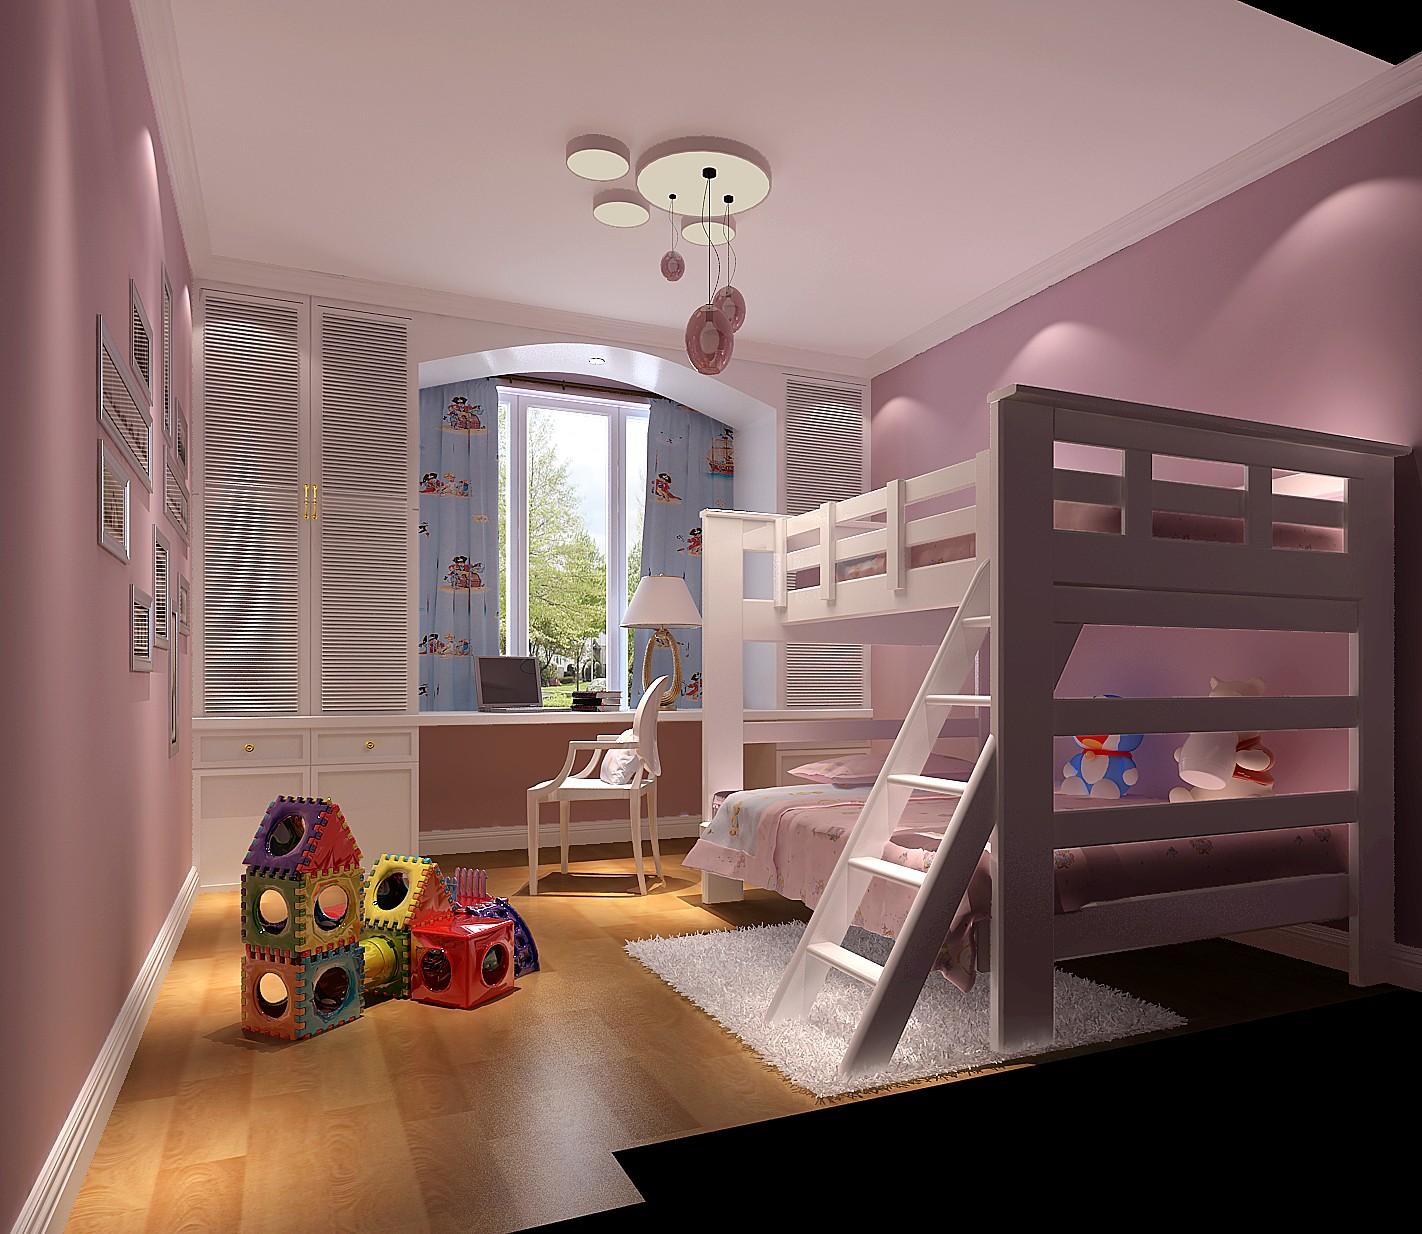 高度国际 中景江山赋 新中式 公寓 儿童房图片来自高度国际在高度国际-装饰设计中景江山赋的分享